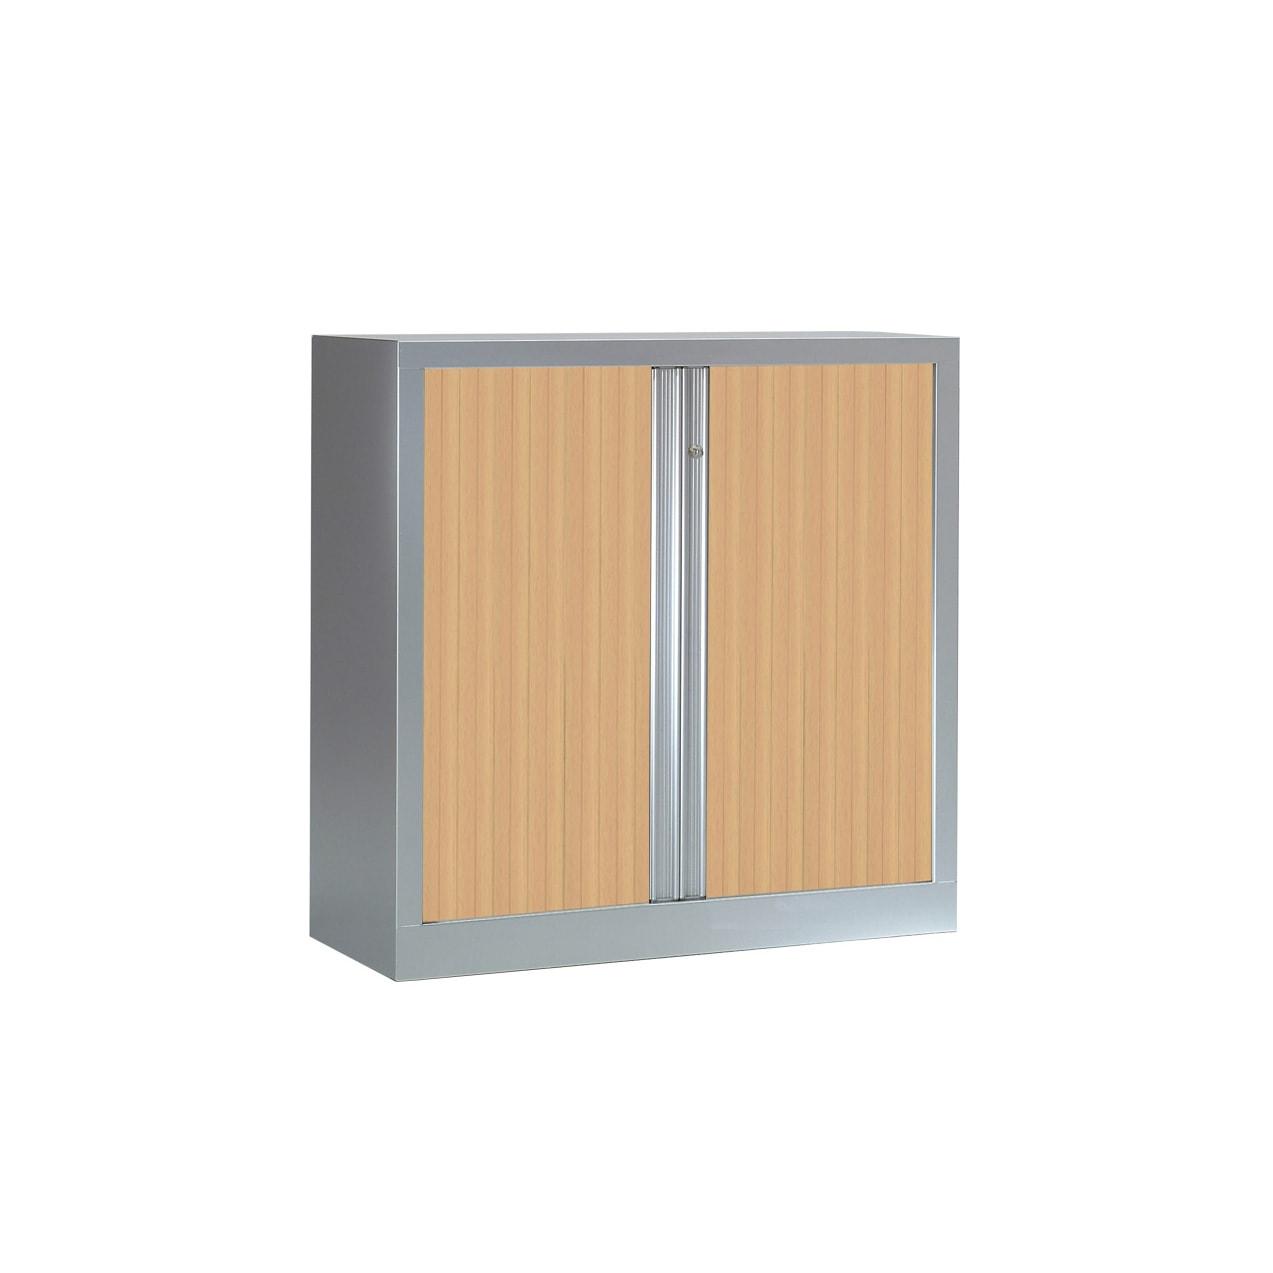 armoire basse rideaux 100x100 s rie plus armoire plus. Black Bedroom Furniture Sets. Home Design Ideas